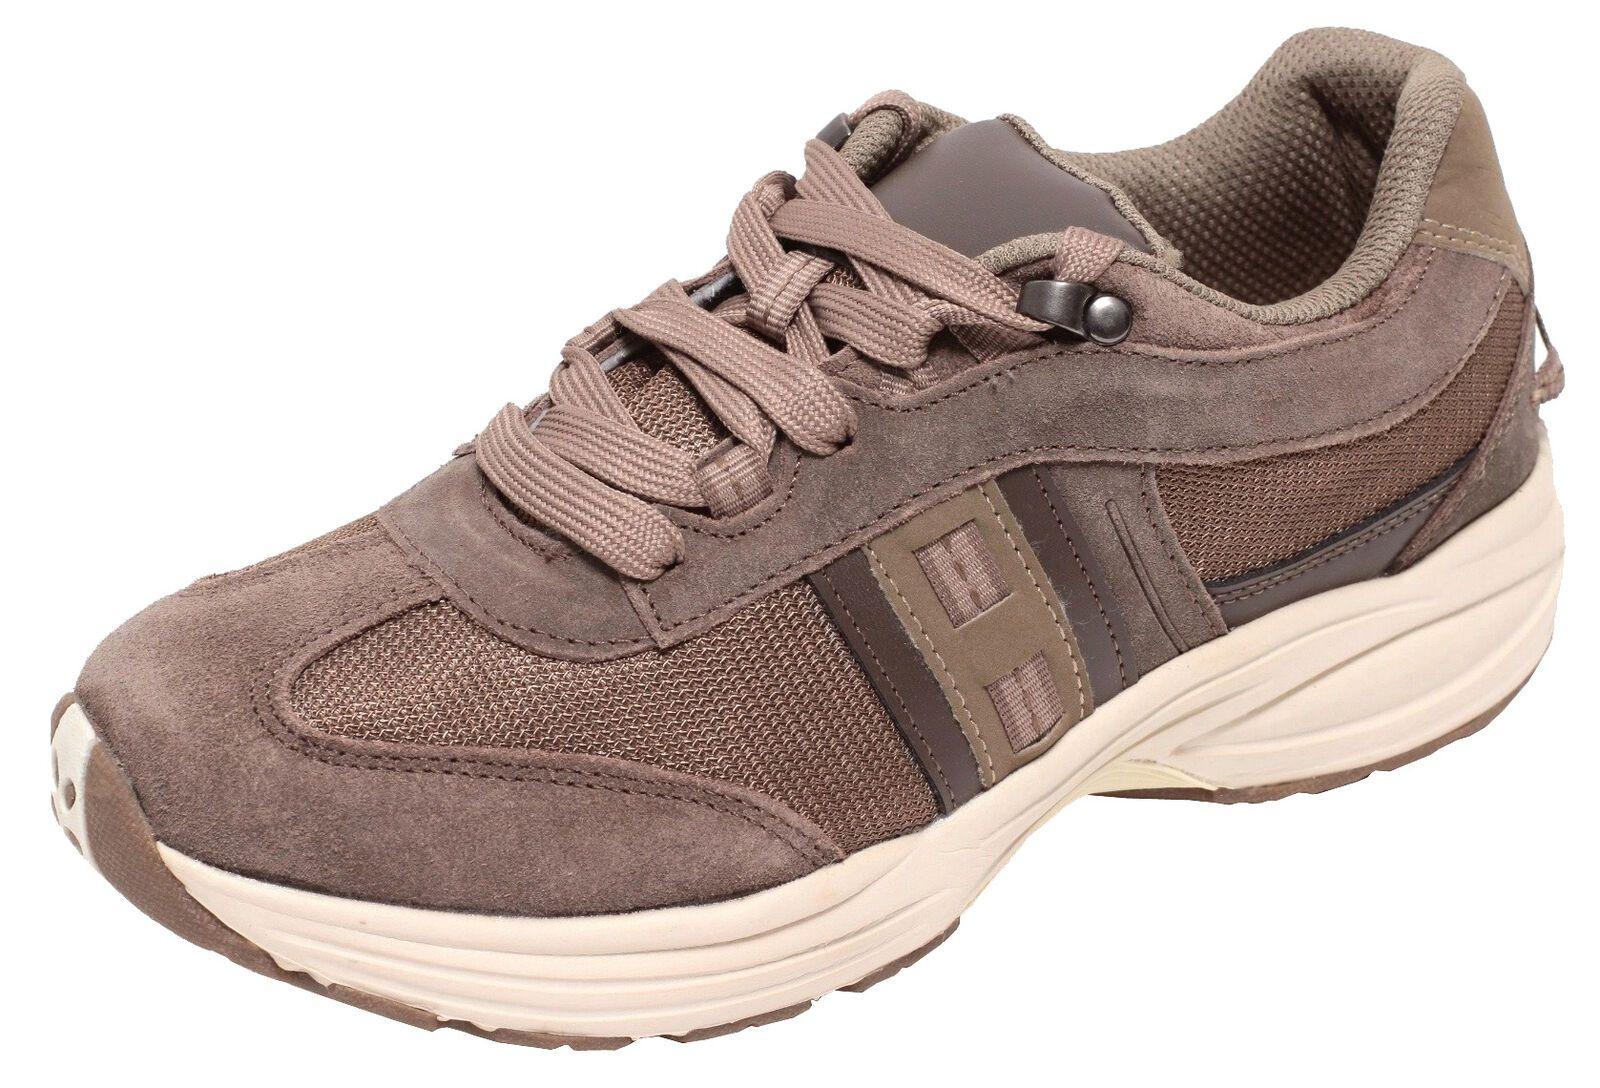 NEU Rieker Damenschuhe Schuhe Sneaker Slipper Halbschuhe Schnürschuhe Freizeit